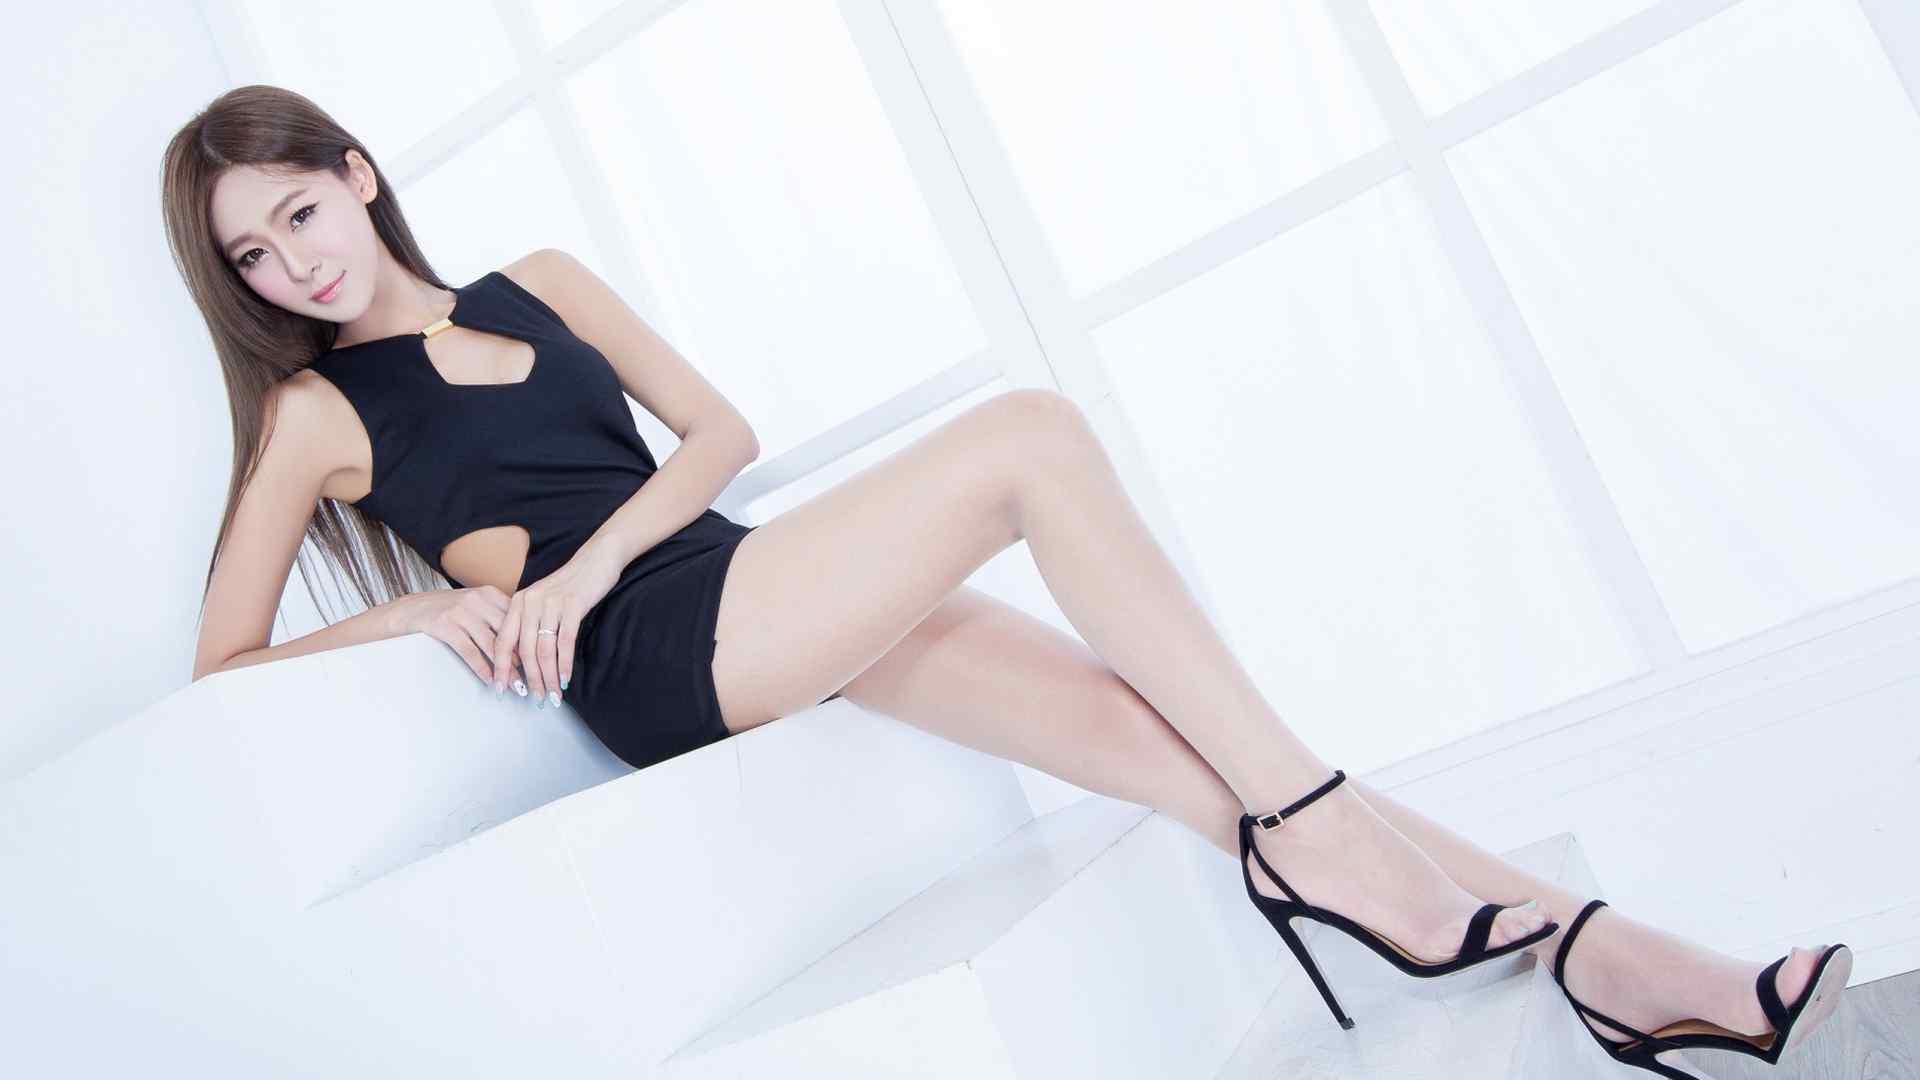 大长腿性感美女丝袜写真高清桌面壁纸